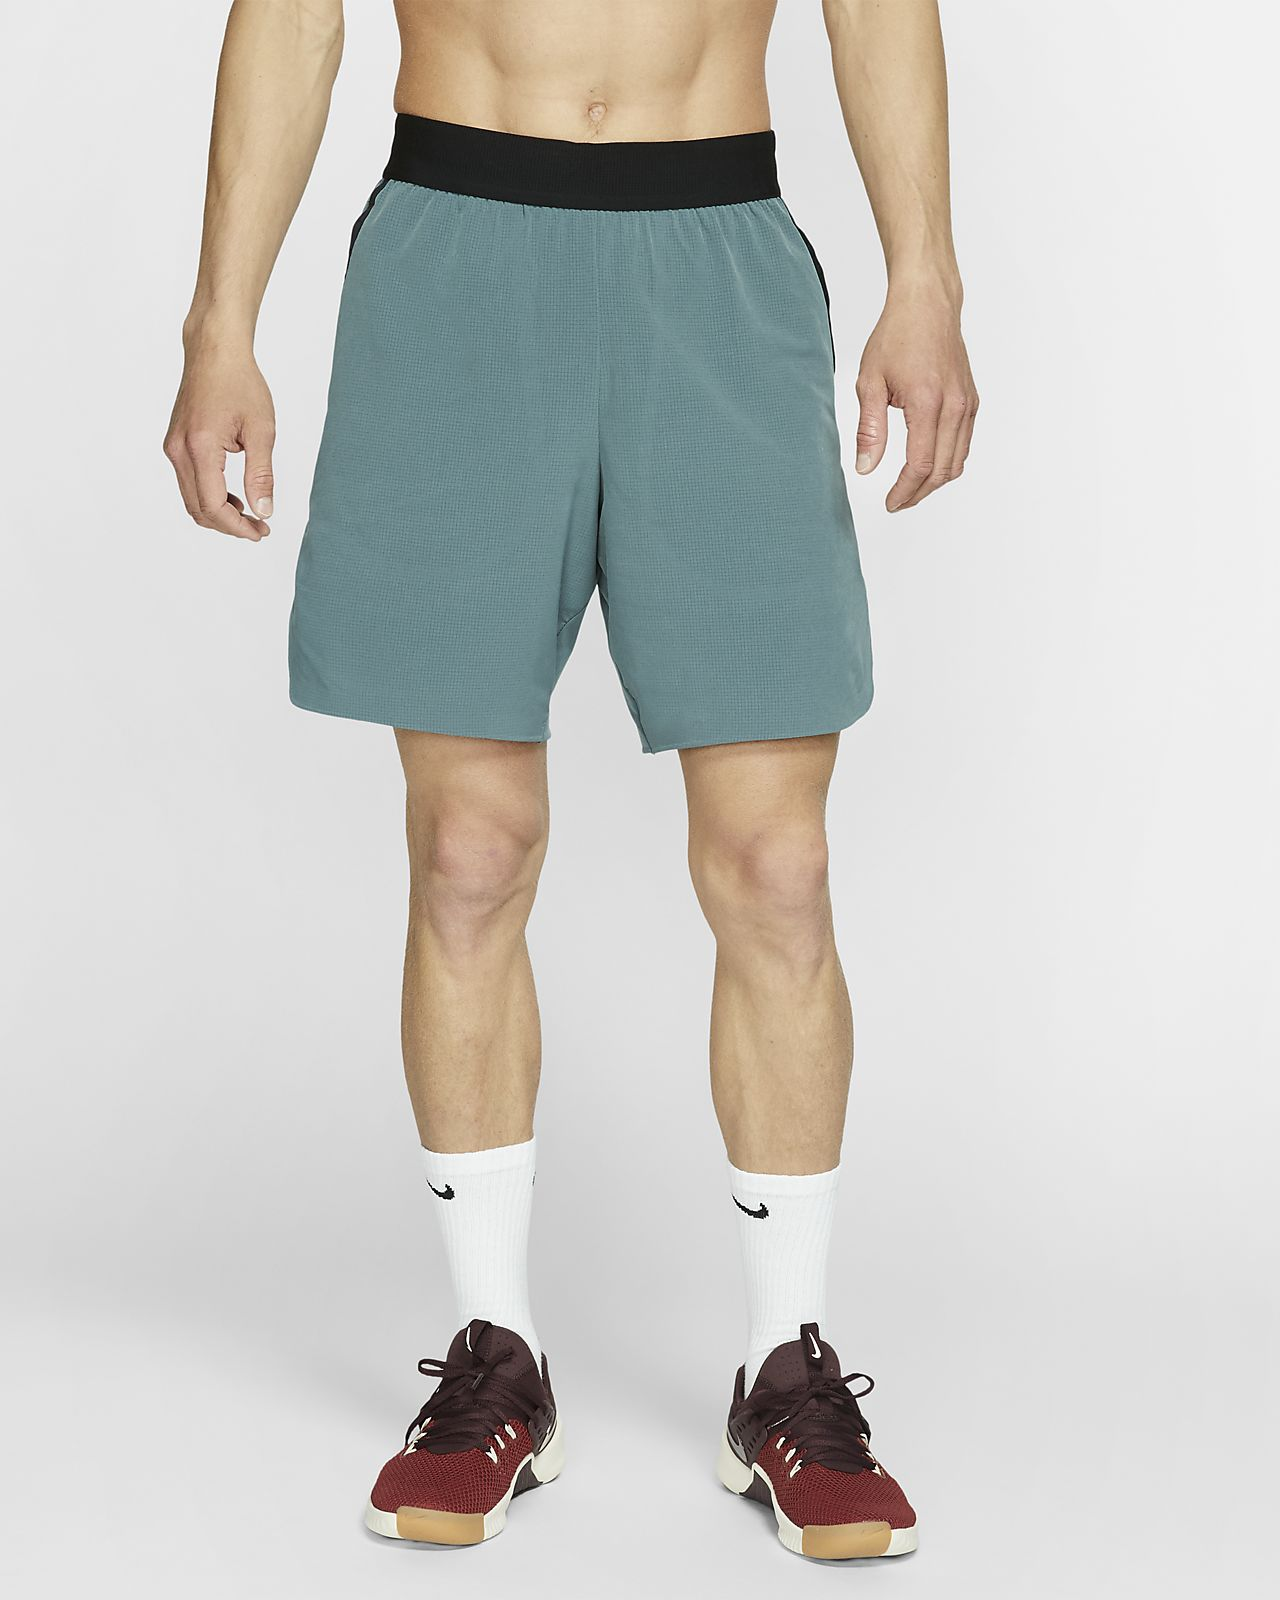 Nike Flex Tech Pack Pantalons curts d'entrenament - Home